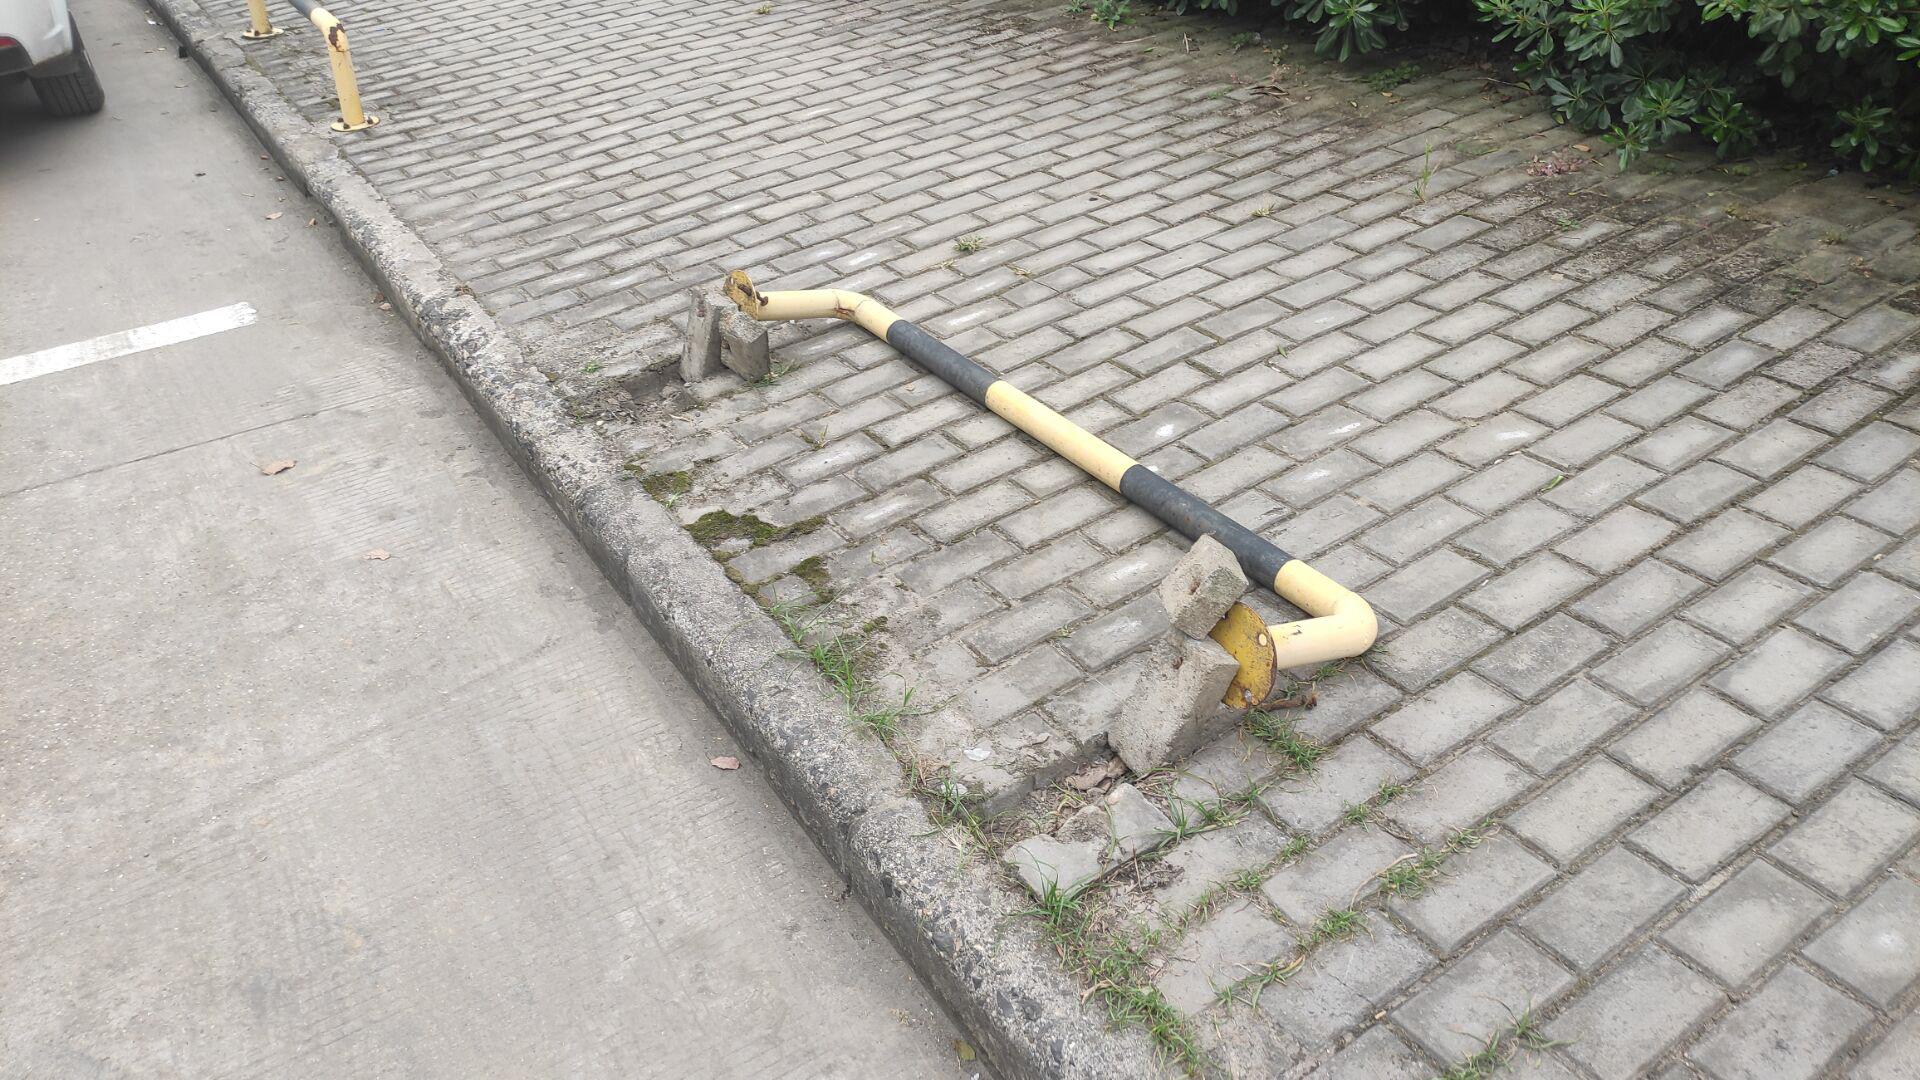 满芳庭小区南门周围人行道隔离杆多次被撞坏